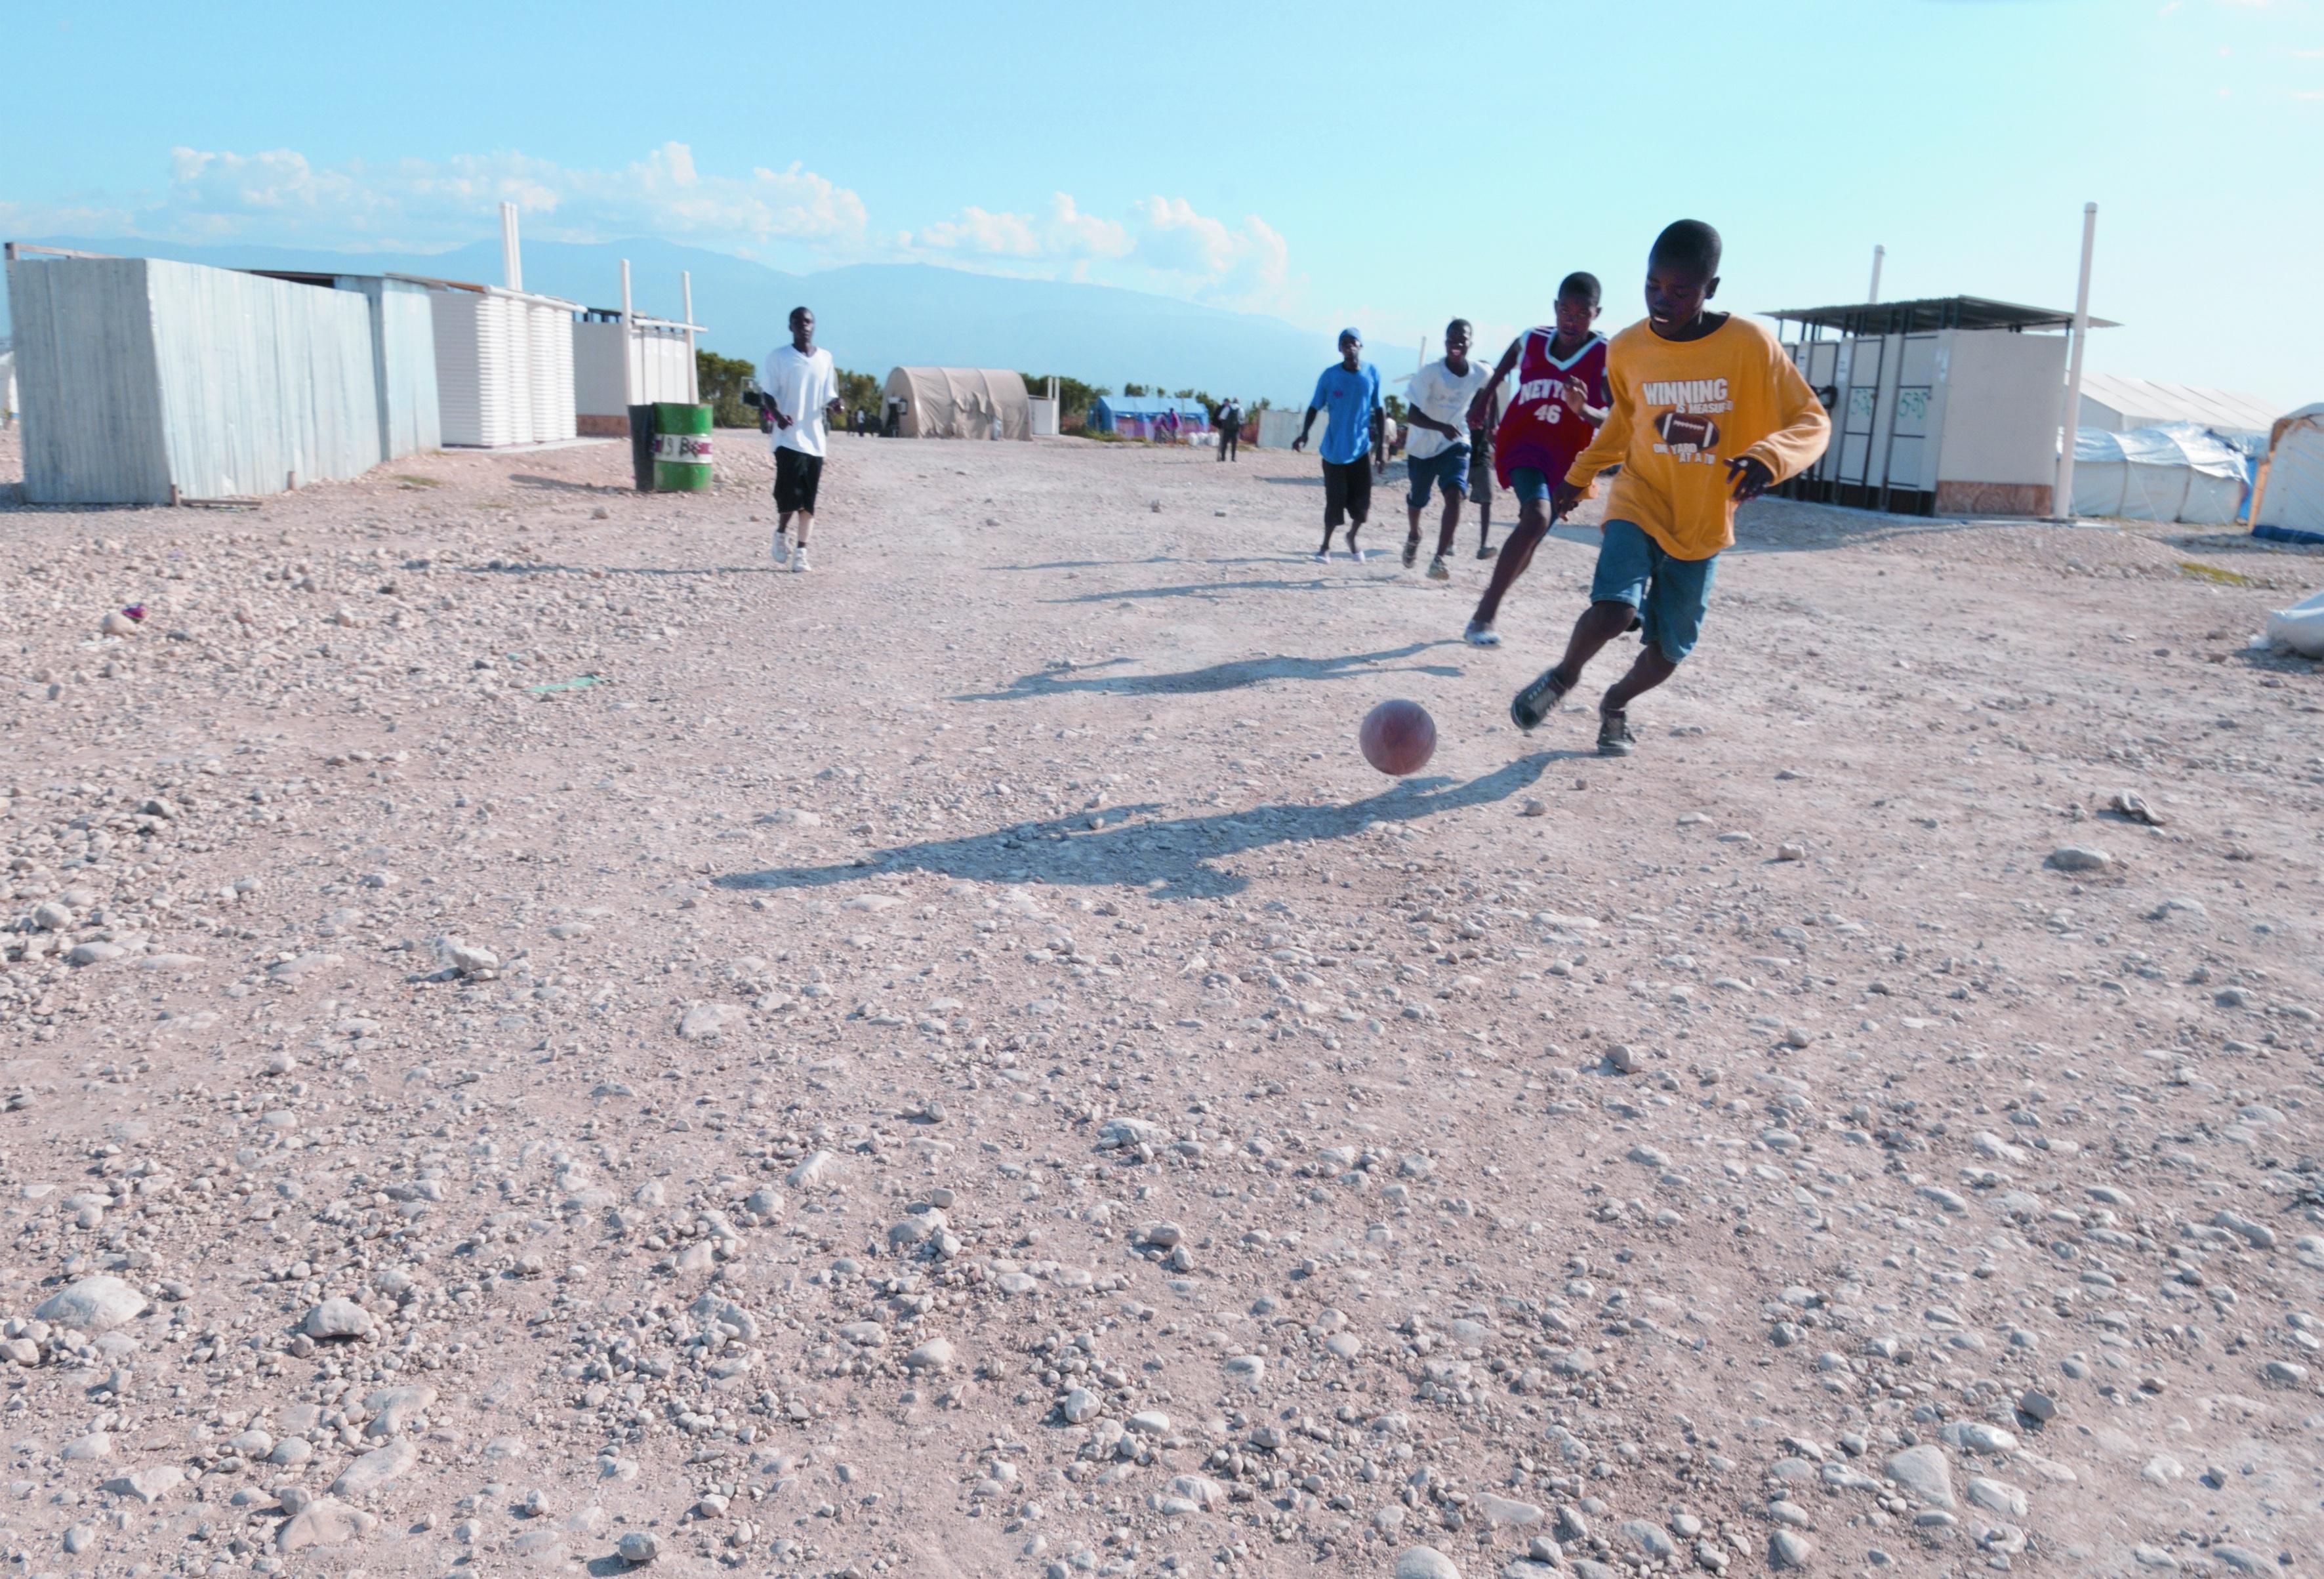 Fussball verbindet weltweit: Jugendliche beim Fussballspiel in Haiti (Bild: zVg. mission 21)